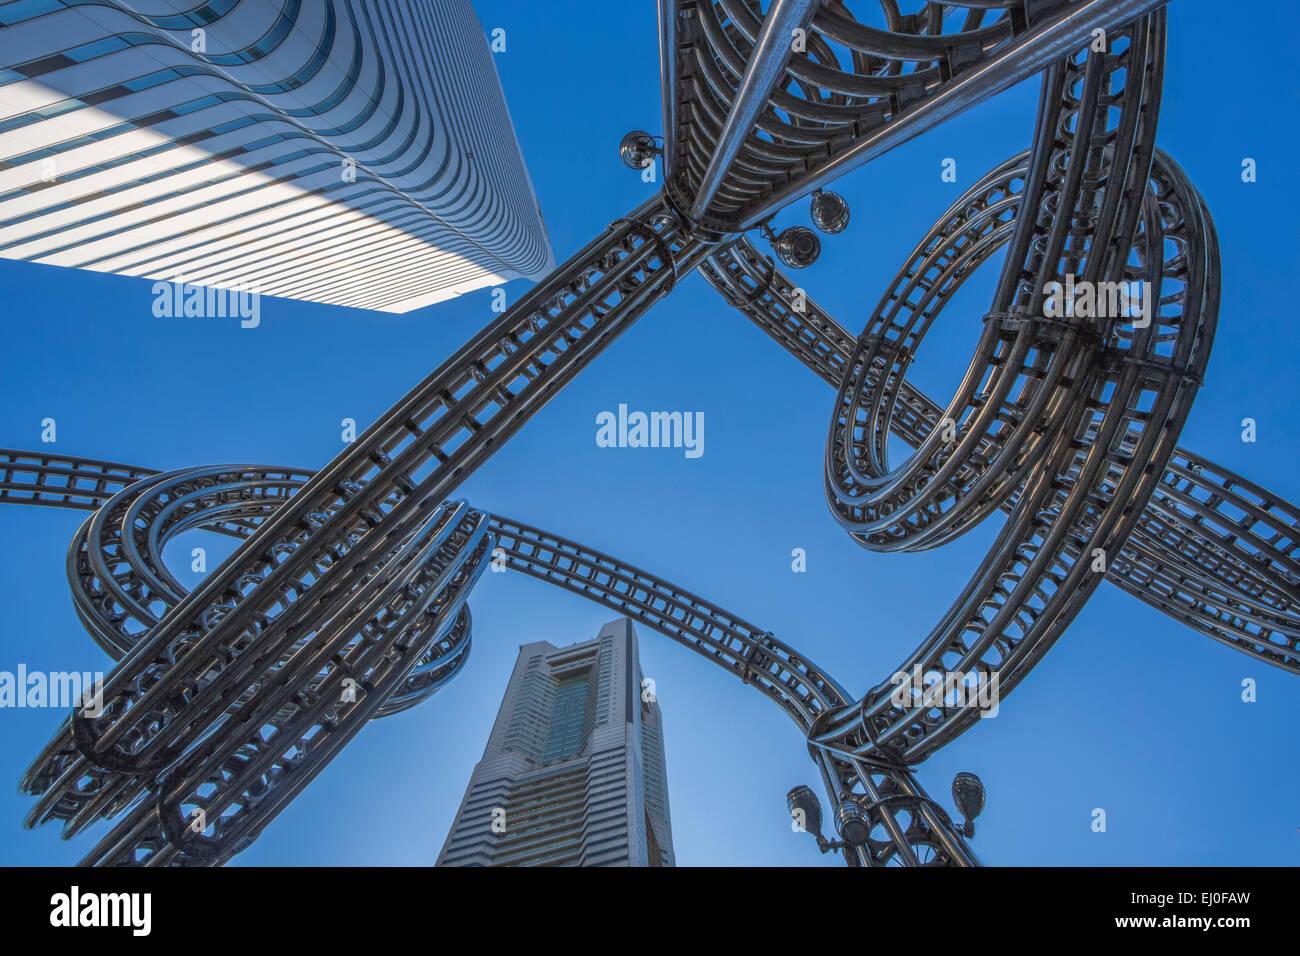 City, Giappone, Asia, Landmark, Yokohama, architettura, arte, artistico, colorato, complesso, design futuristico, Immagini Stock